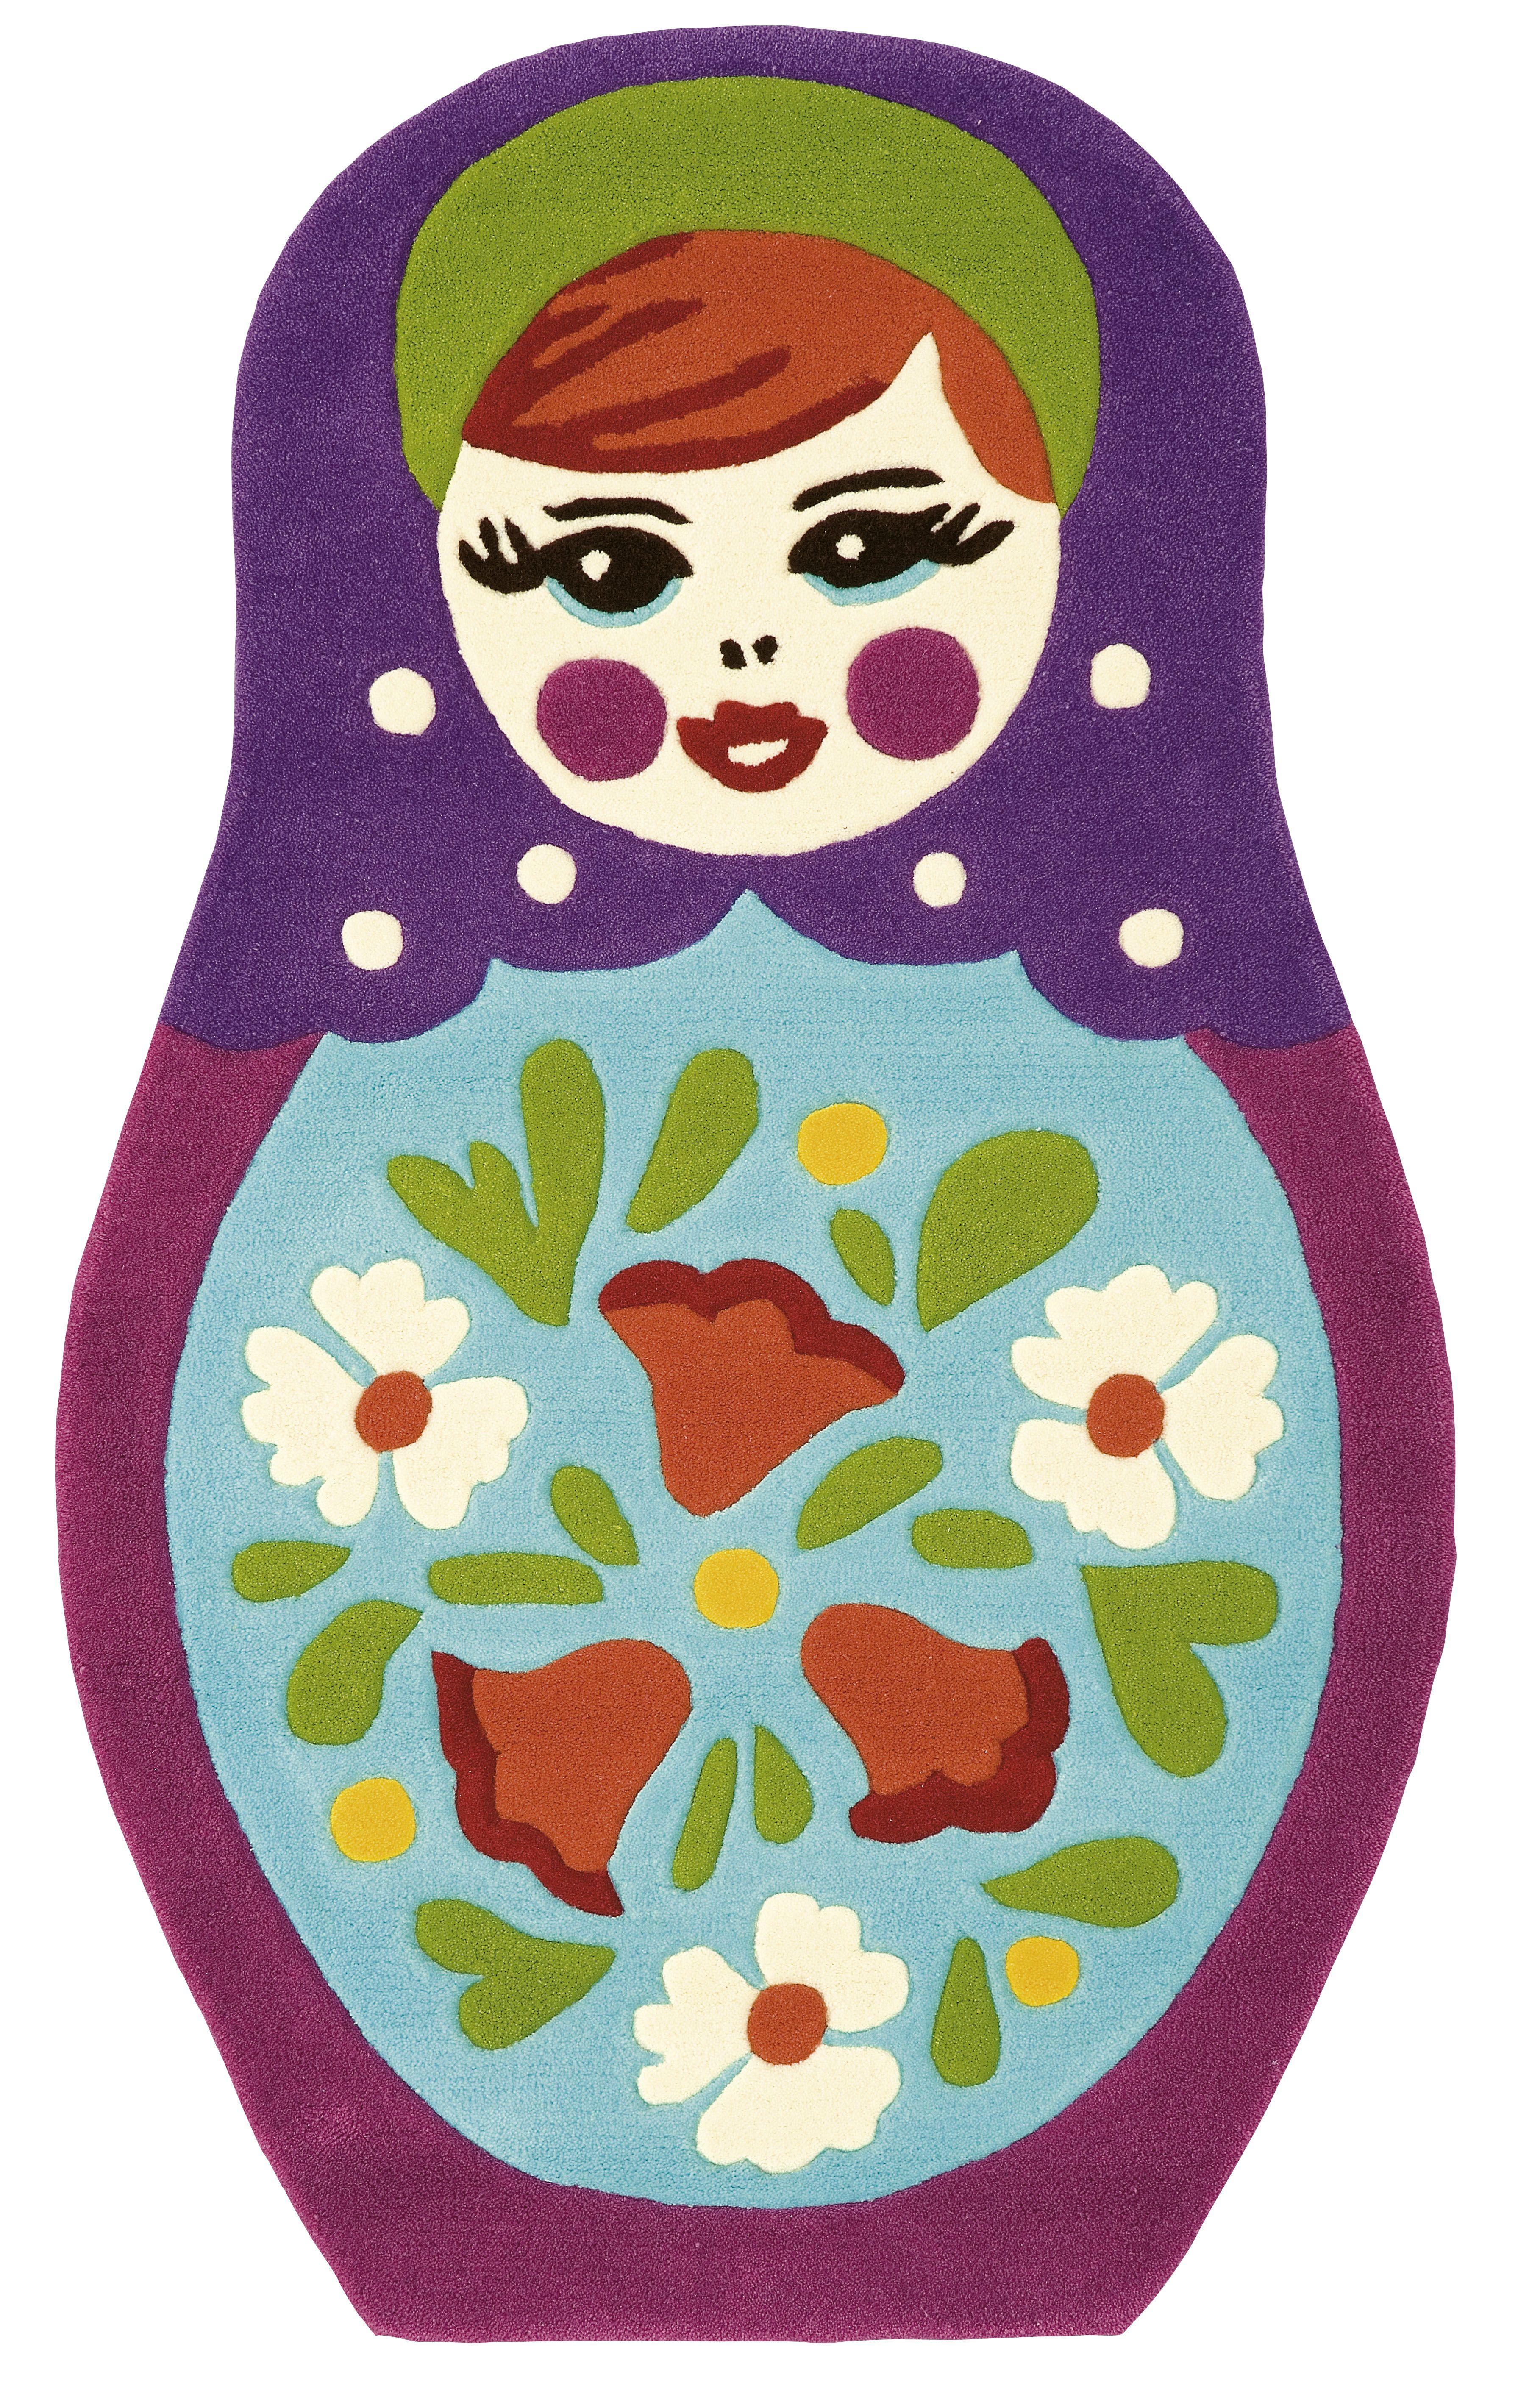 Matryoshka Russian Nesting Doll Rug